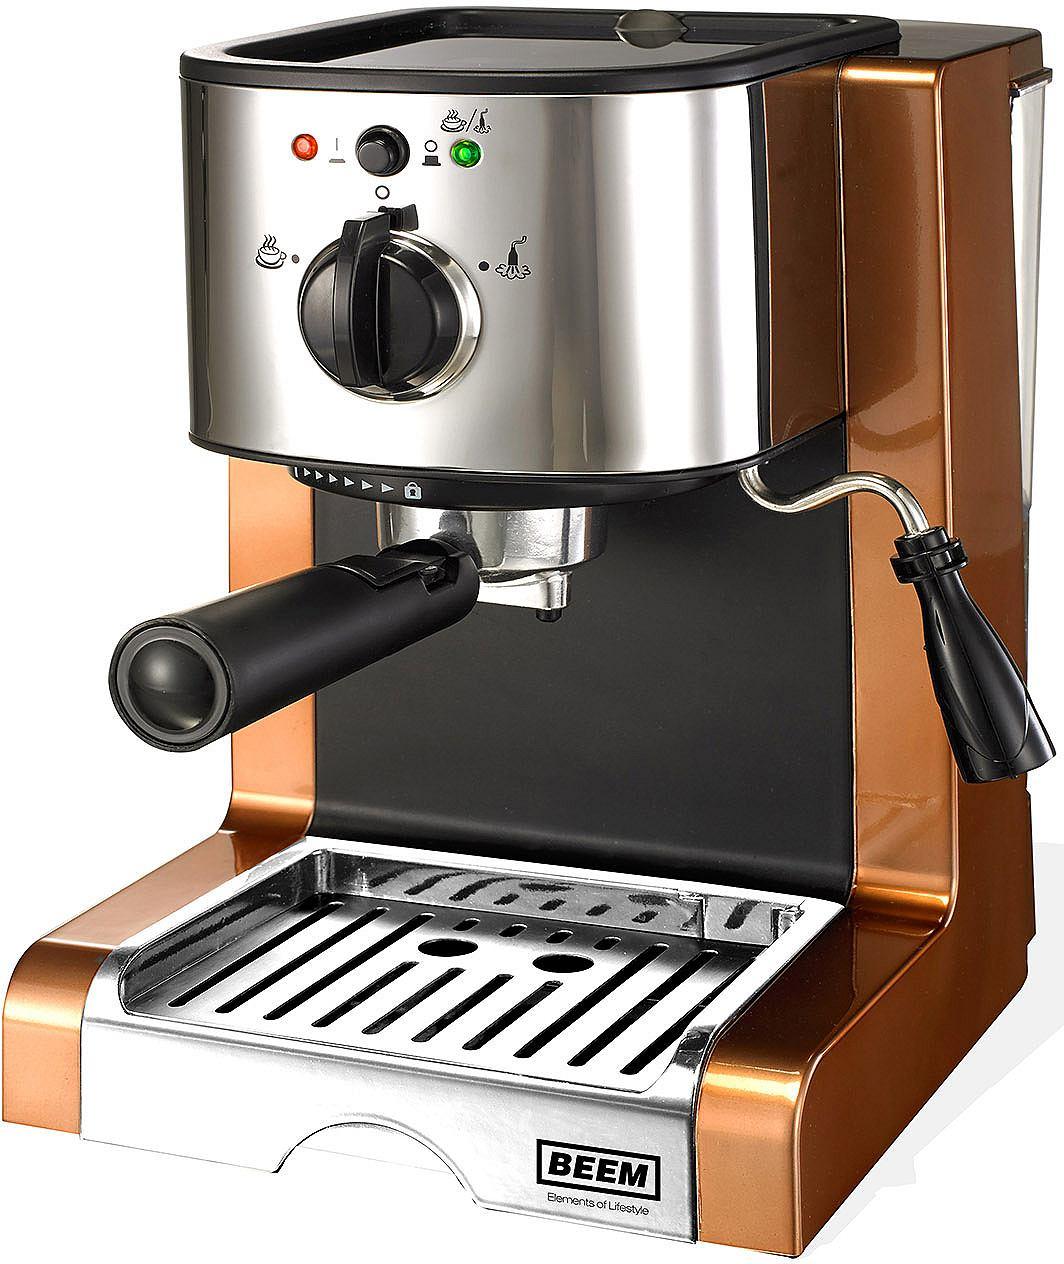 Beem Espressomaschine D2000.624 Espresso Perfect Crema Plus